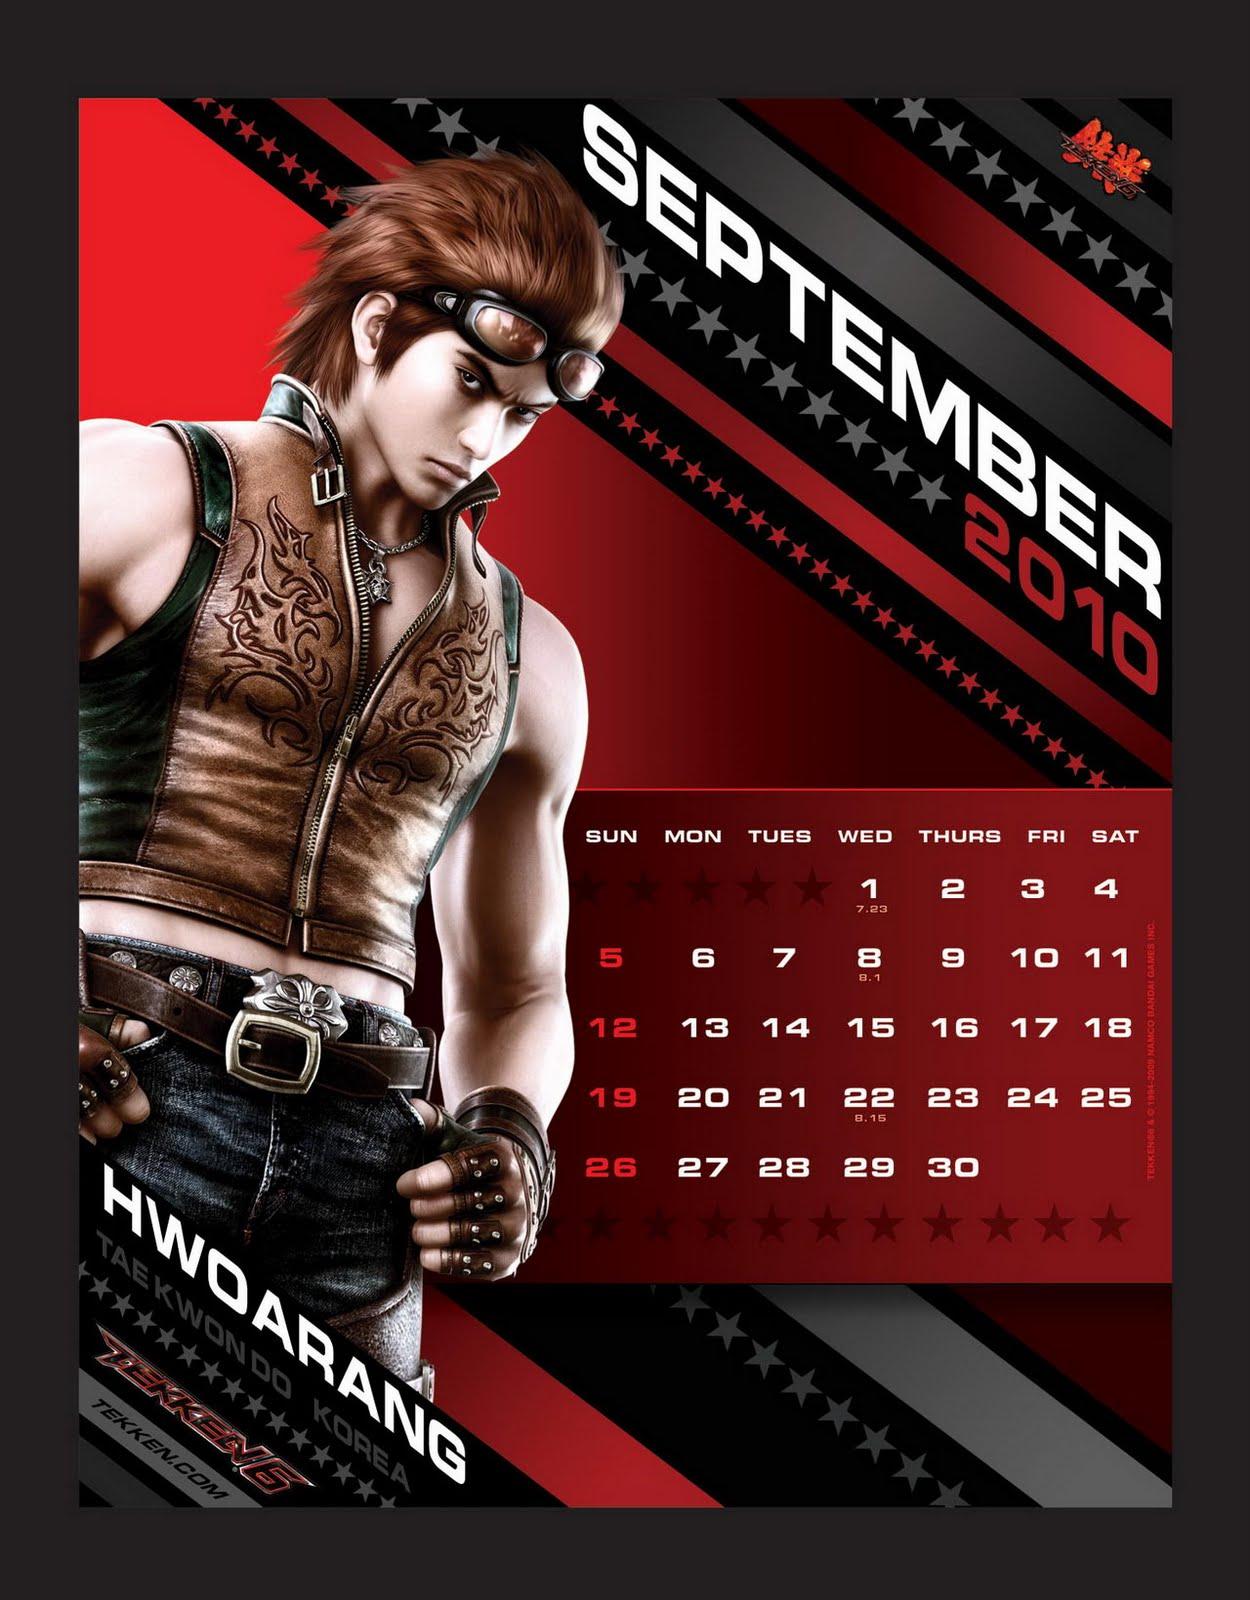 http://4.bp.blogspot.com/_Zzfgs8VTa74/SwqubWEe8HI/AAAAAAAAA2U/K0956pD84dw/s1600/Tekken+6+Sep+2010.jpg